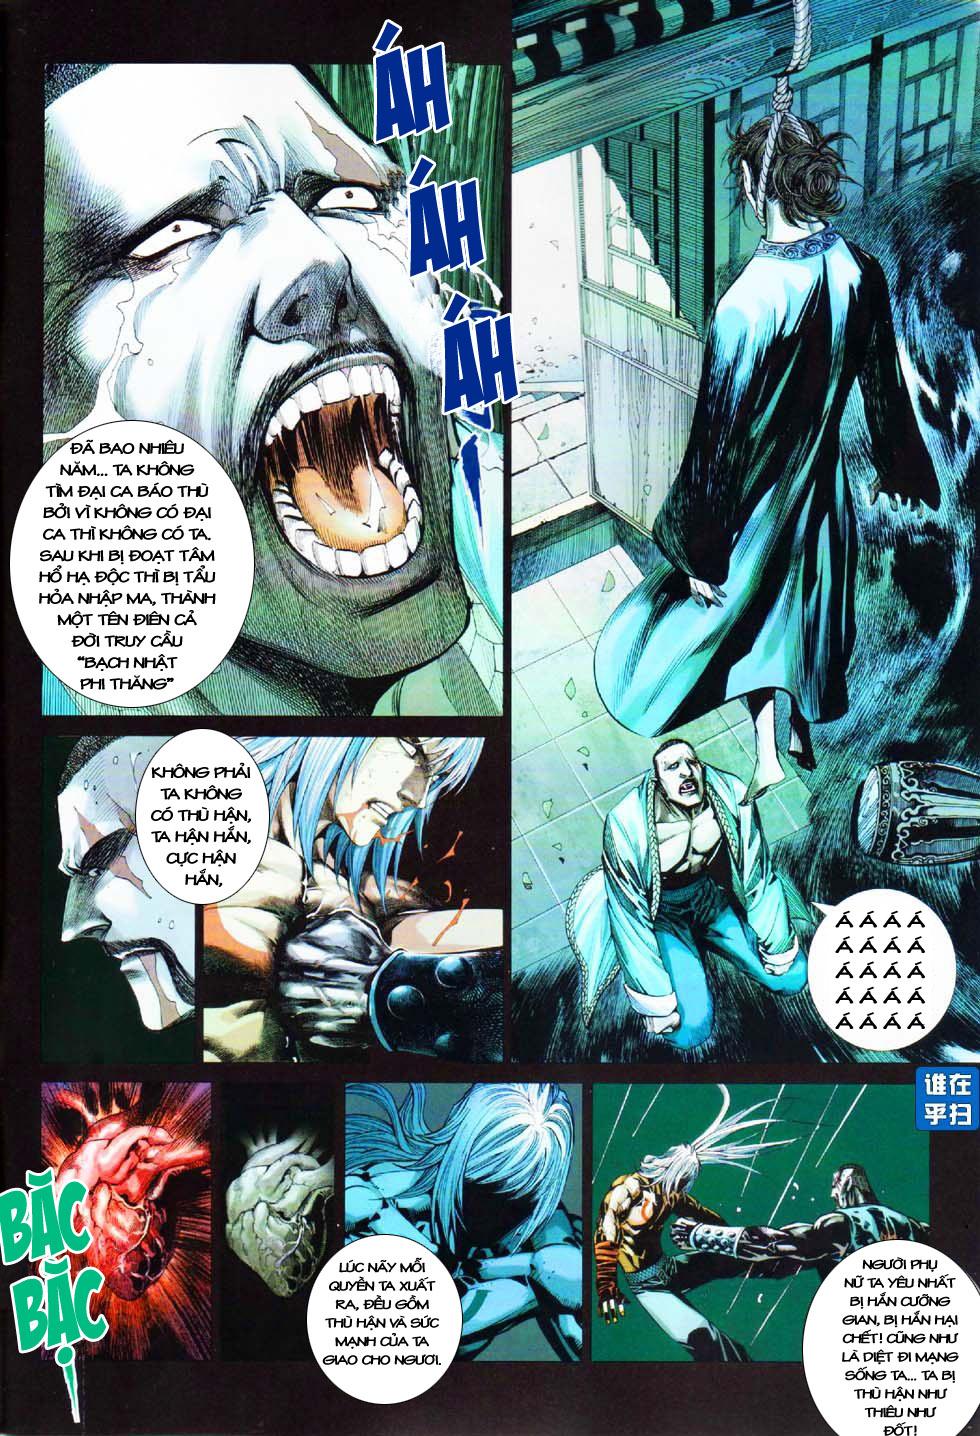 Thiên Hạ Vô Địch Kiếm Tà Thần chap 8 end trang 8